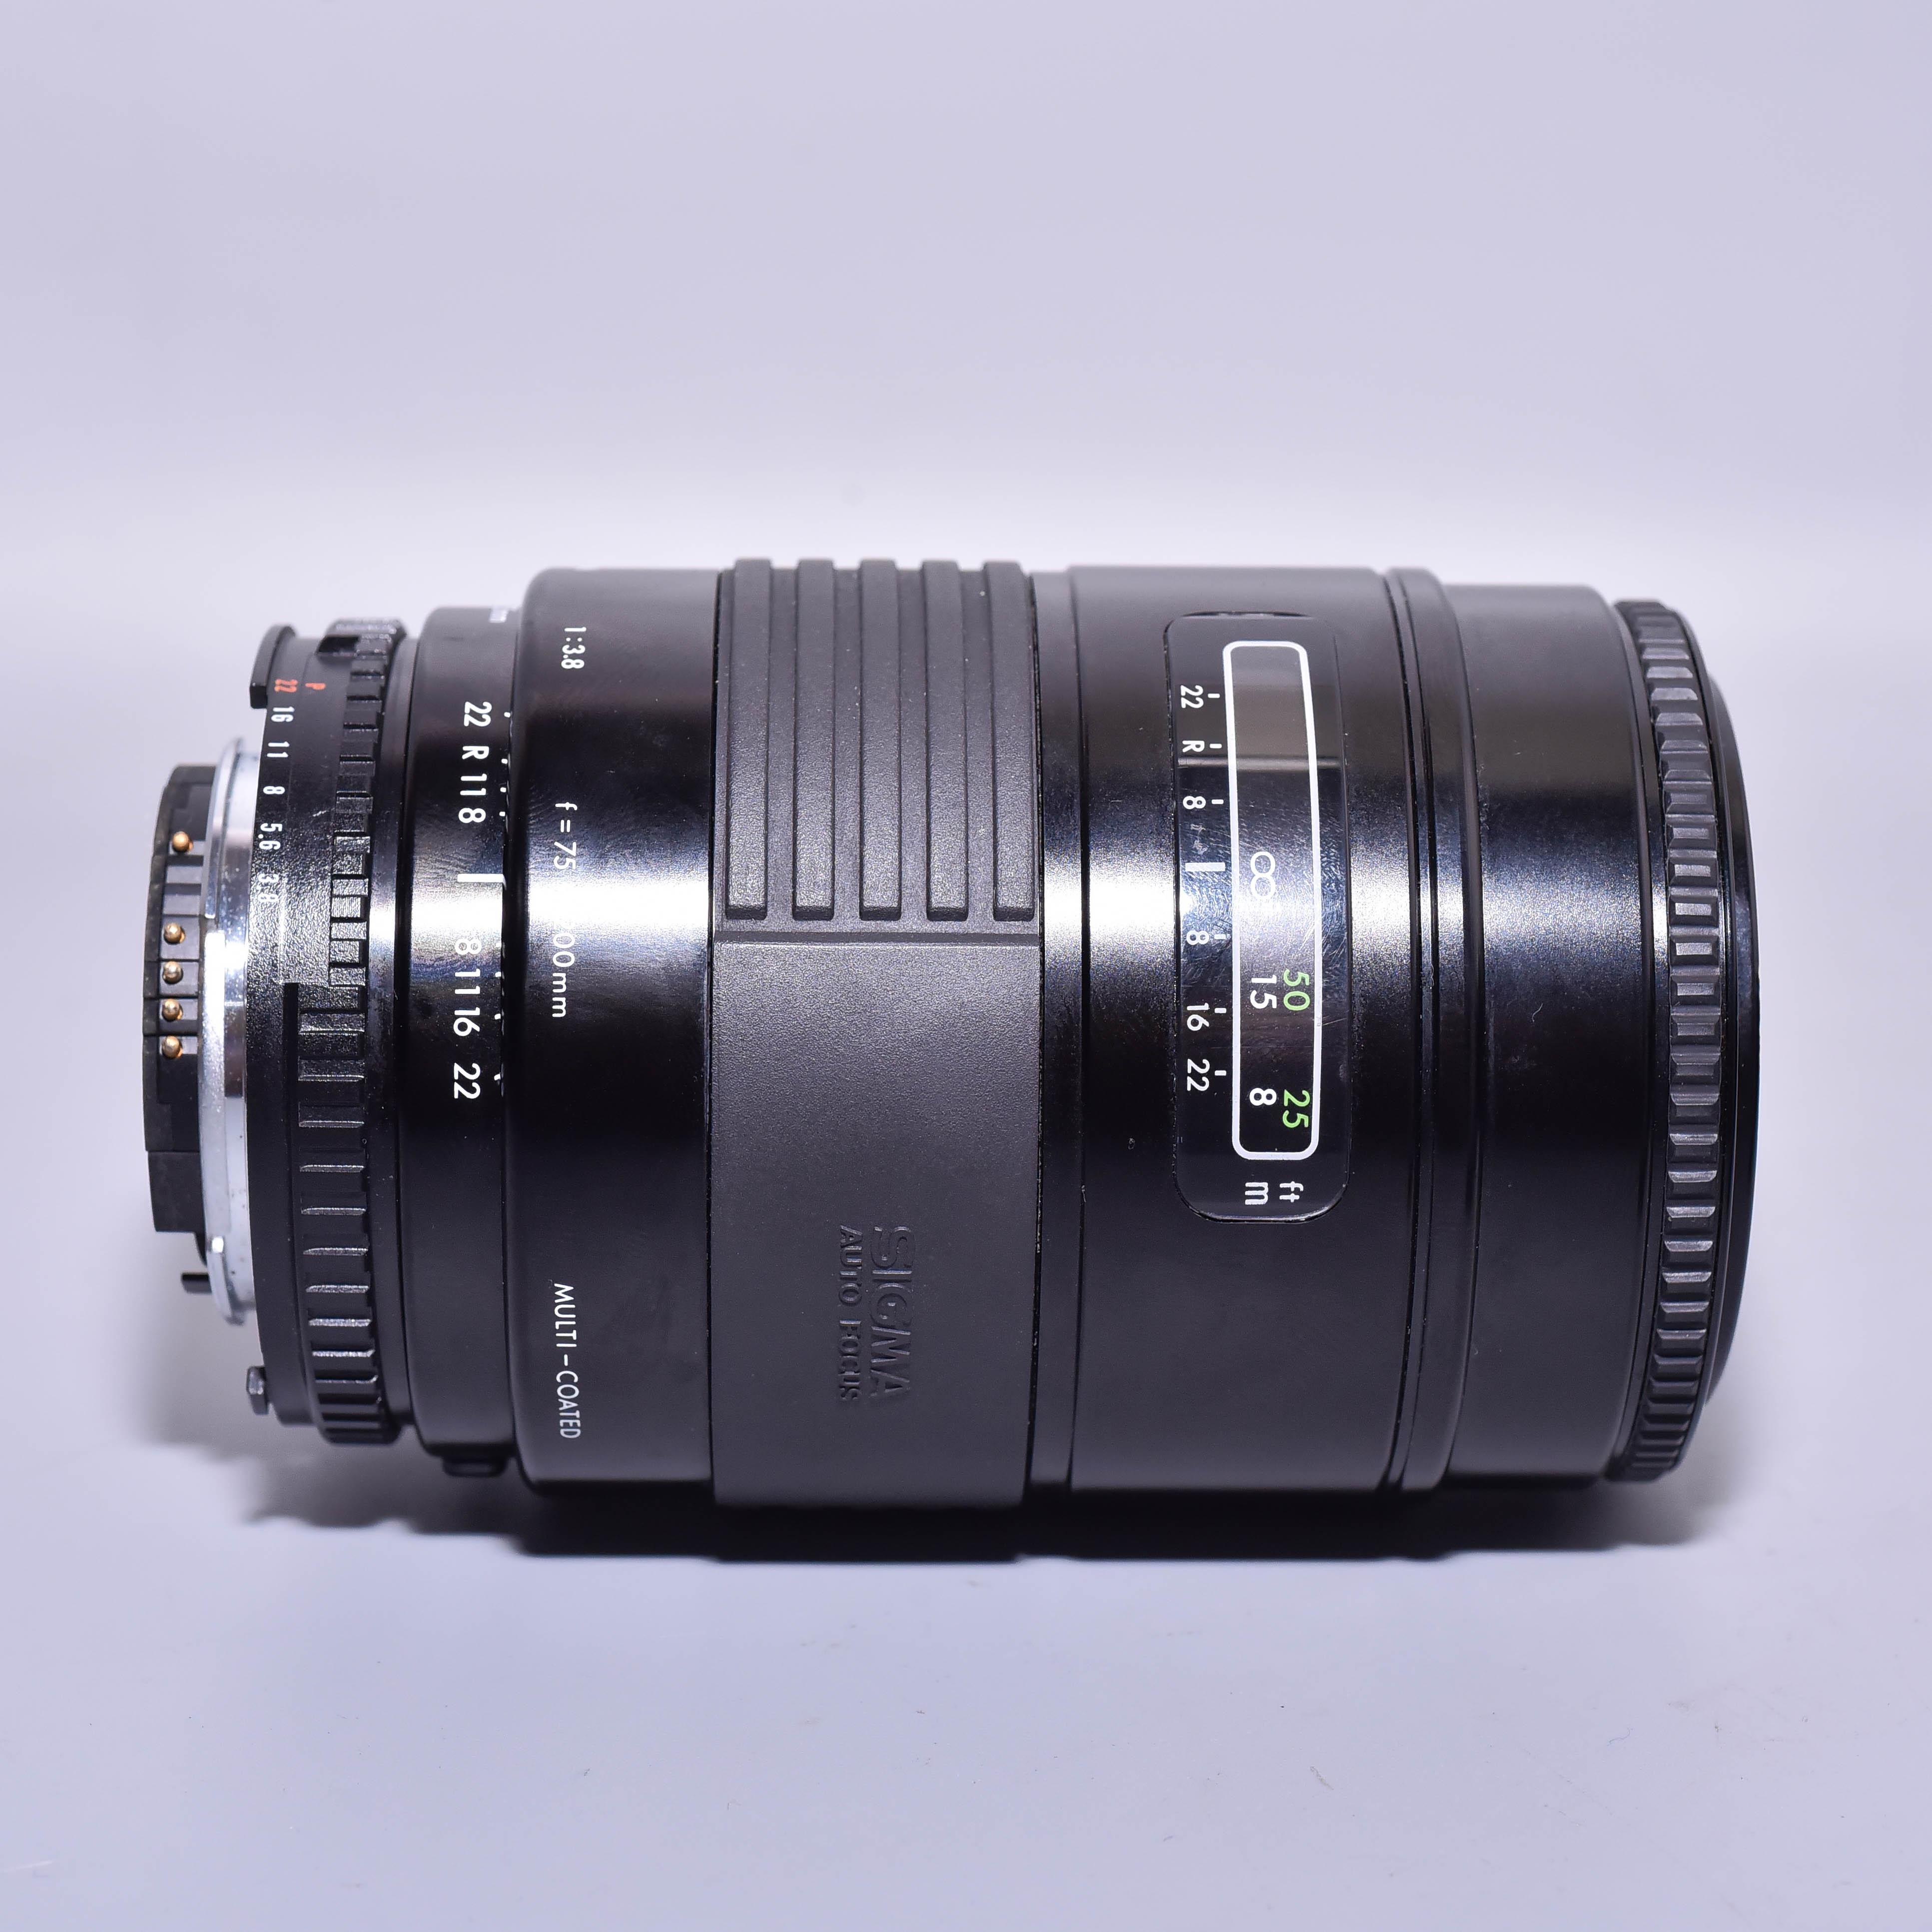 sigma-75-200mm-f3-8-af-mf-nikon-carl-zeiss-75-200-3-8-11931